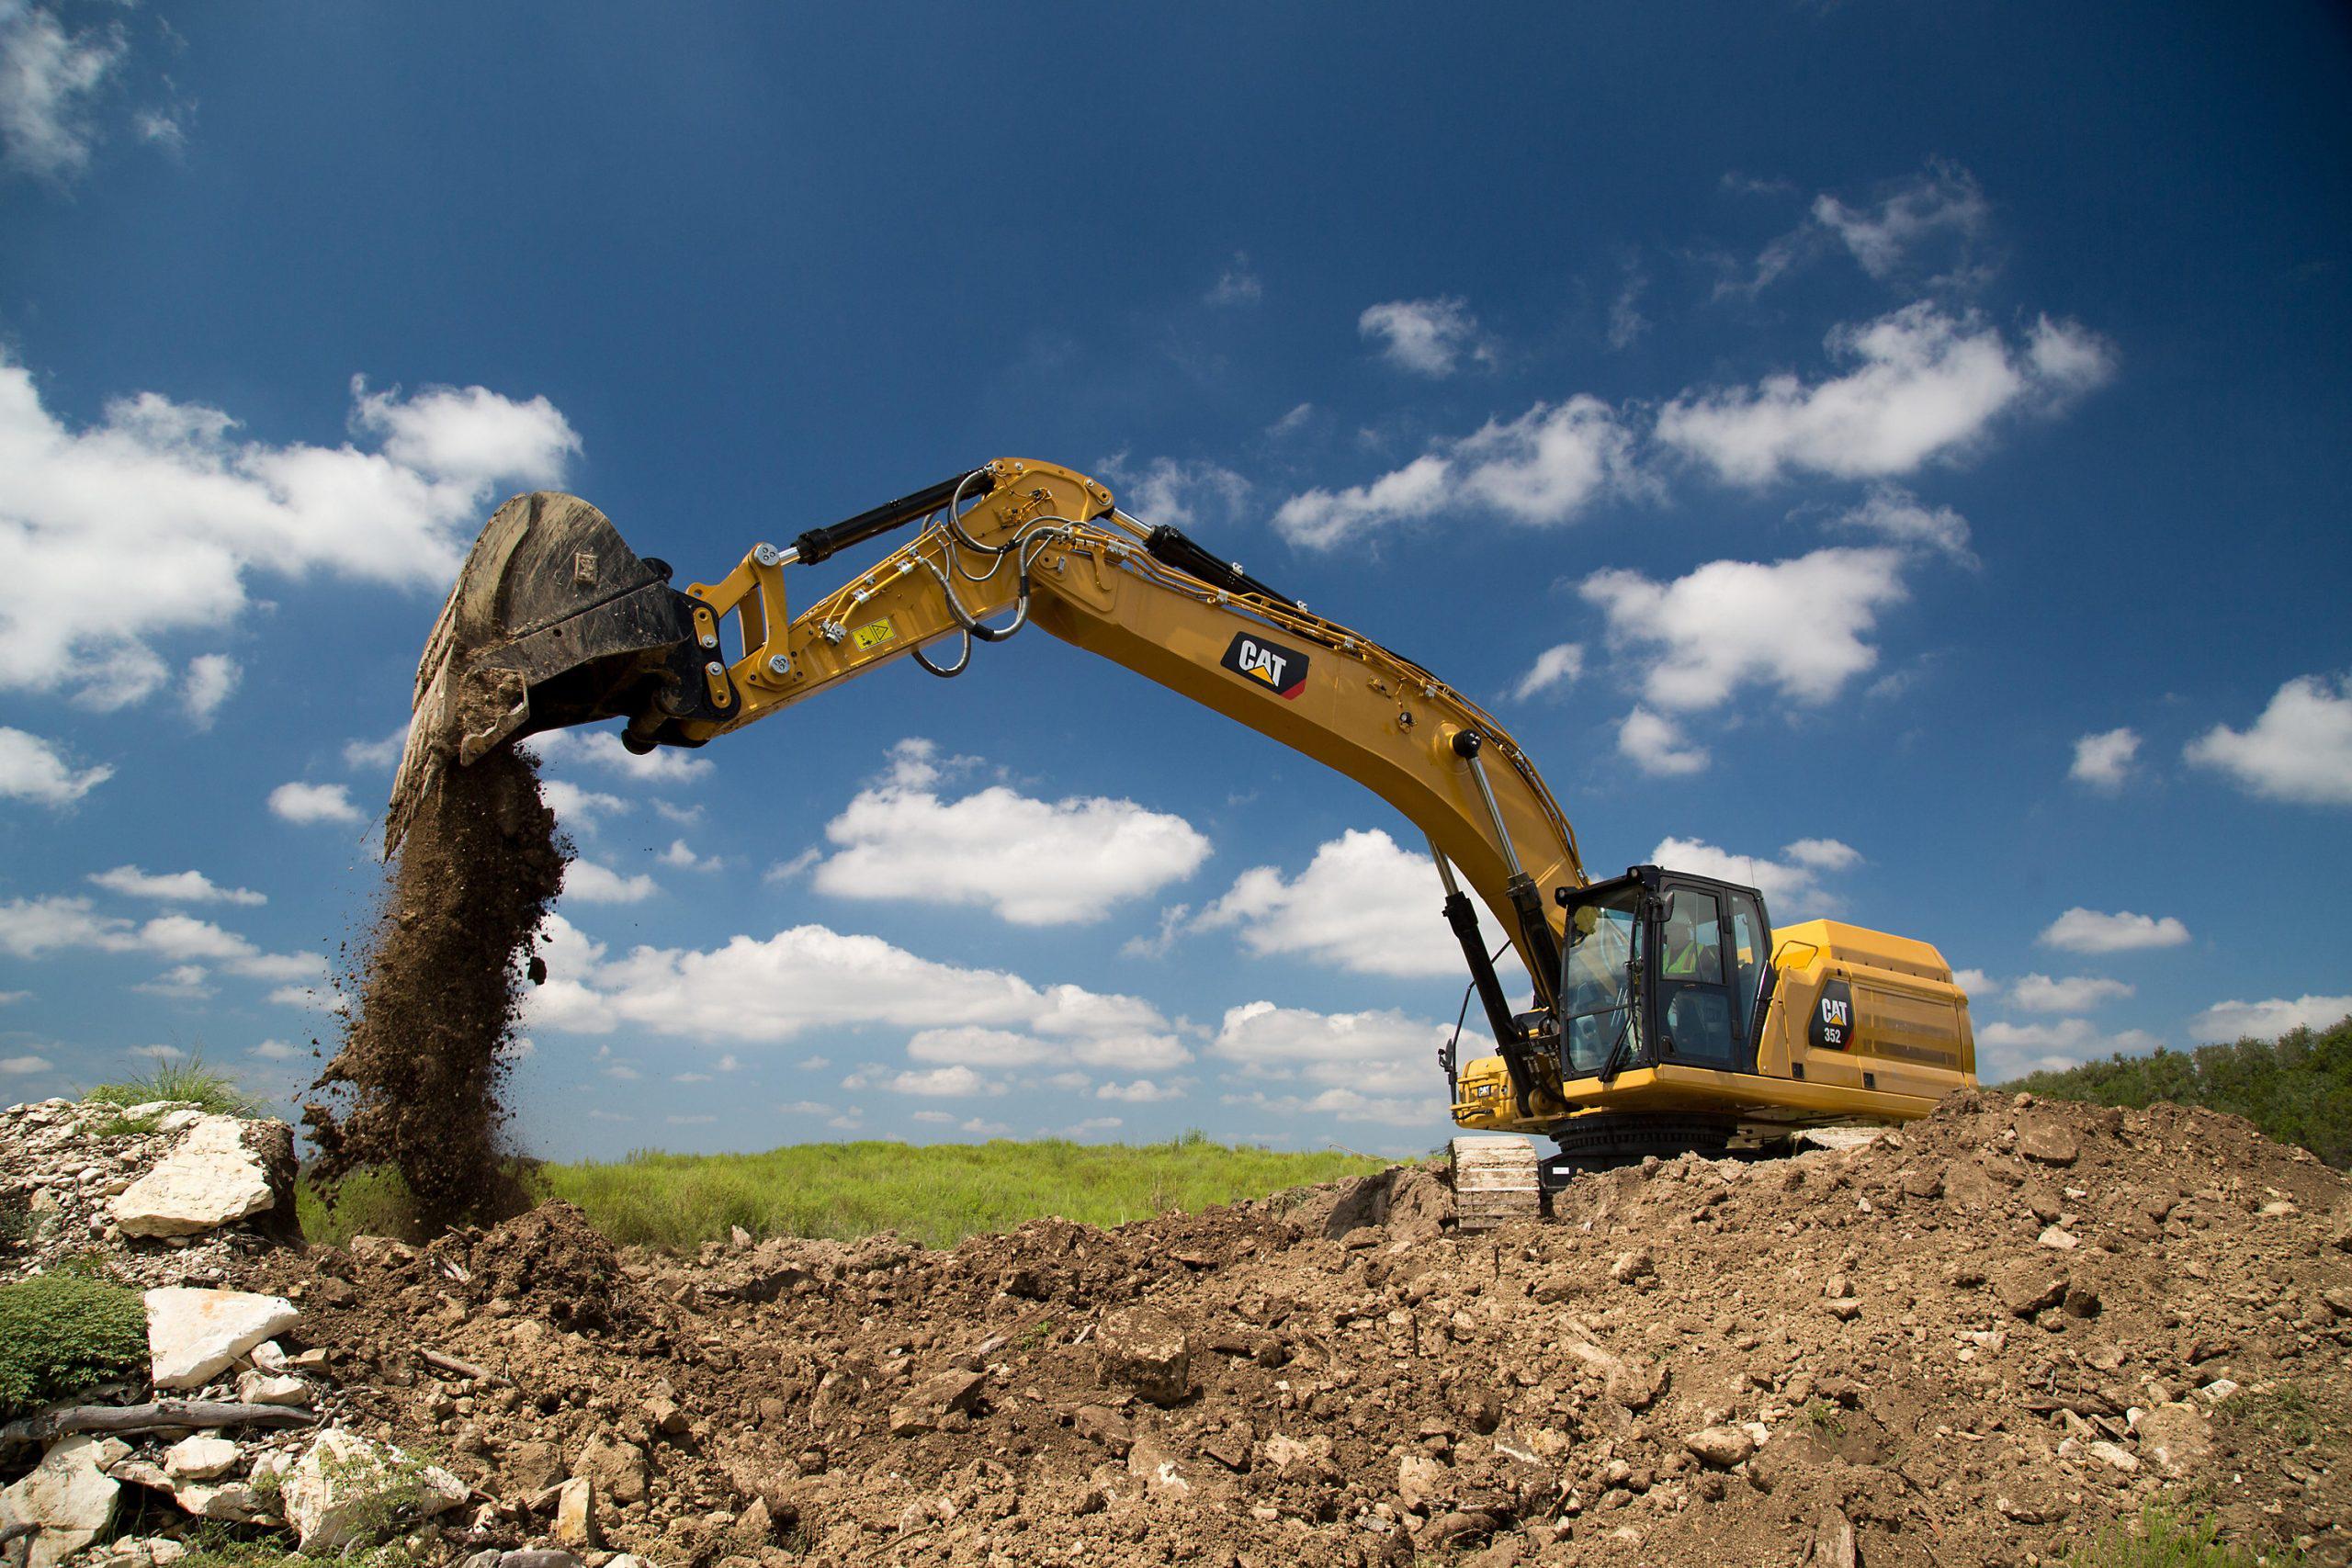 Cat 352 excavator